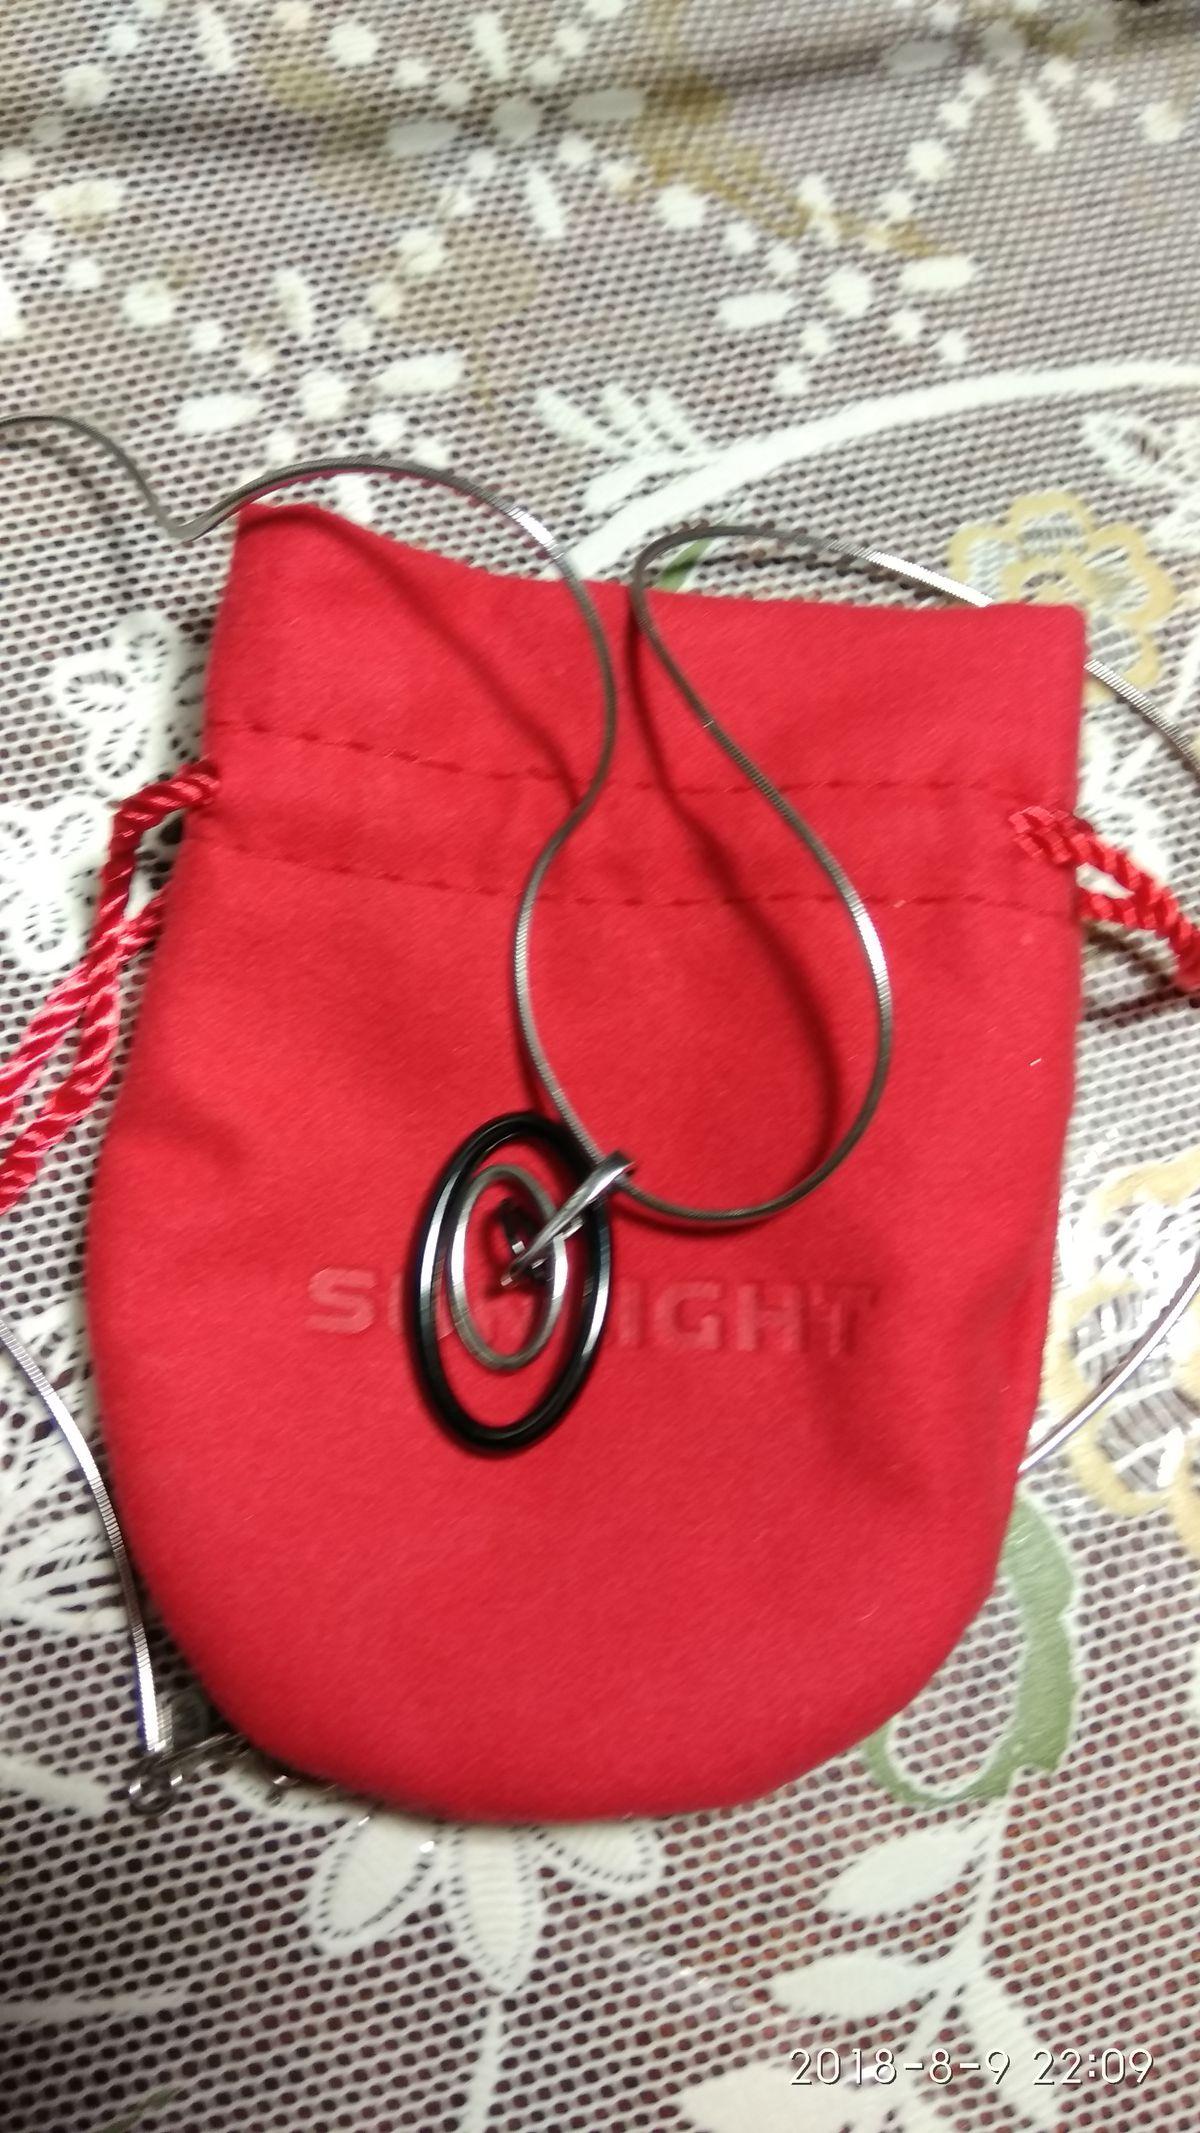 В дополнение к подвеске или подвеска дополняет цепочку! решайте сами👍👍👍